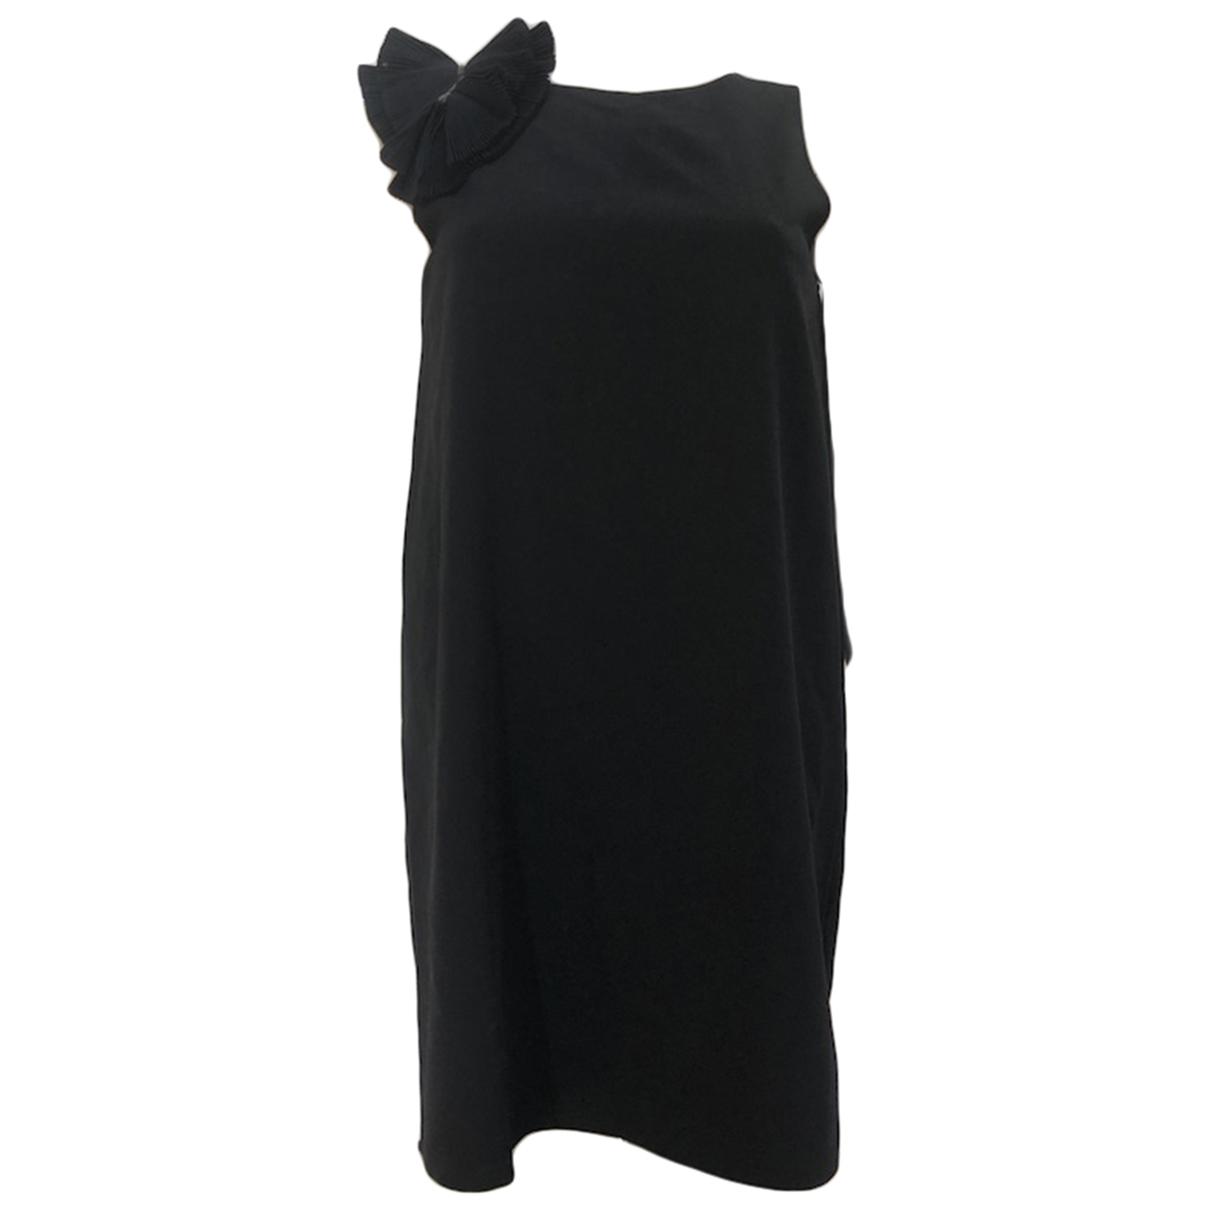 Les Petites \N Kleid in  Schwarz Polyester